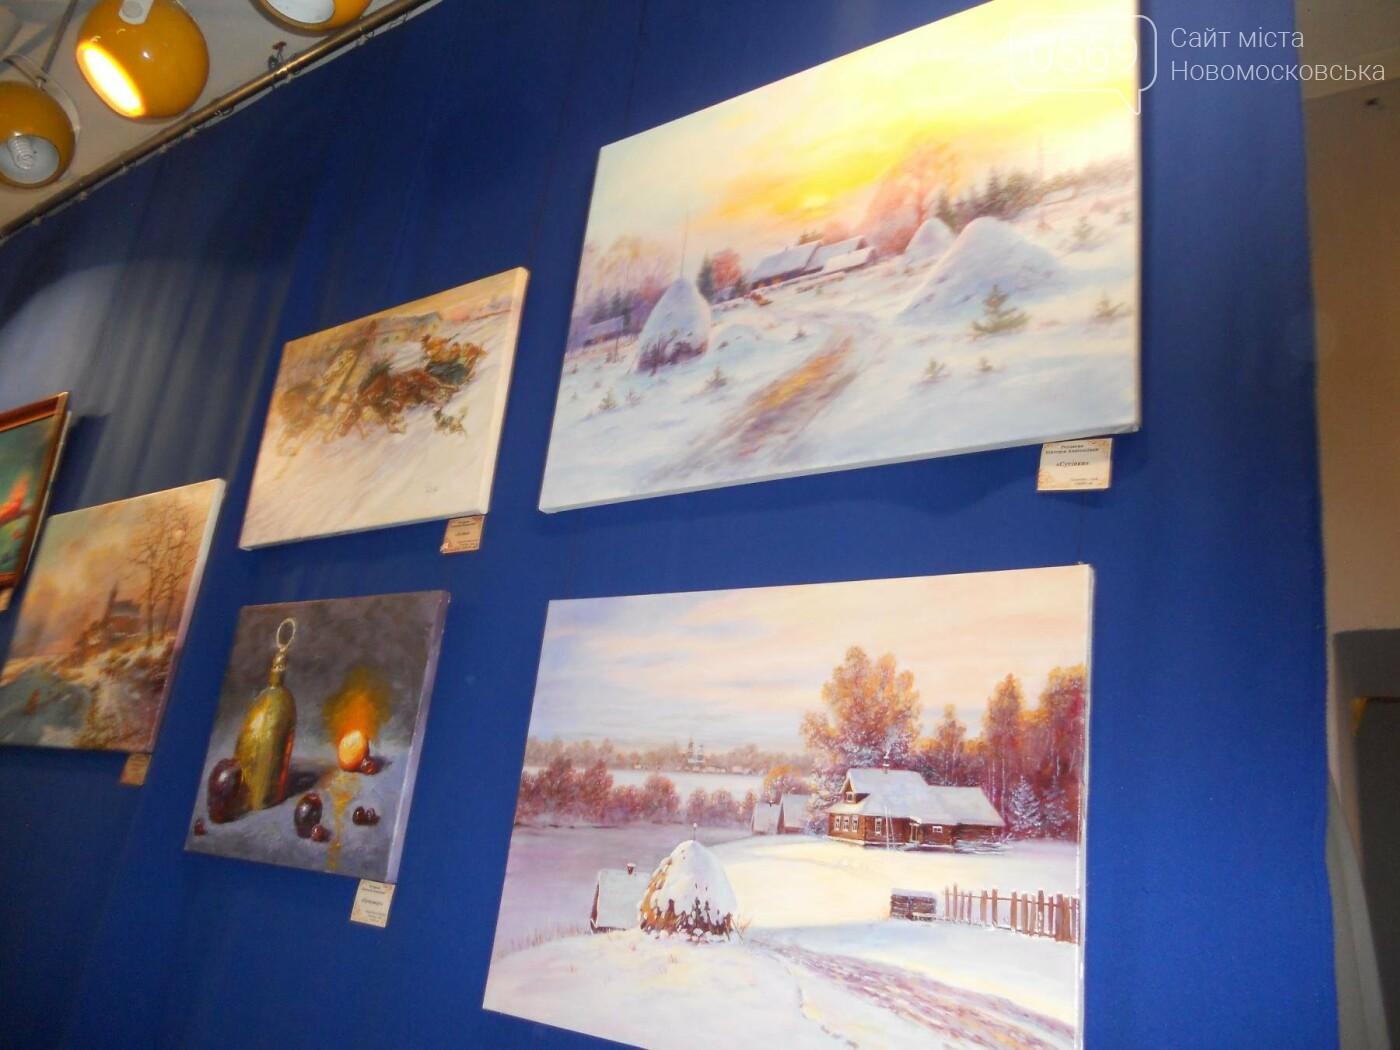 В Новомосковске открылась выставка молодых художников, фото-9